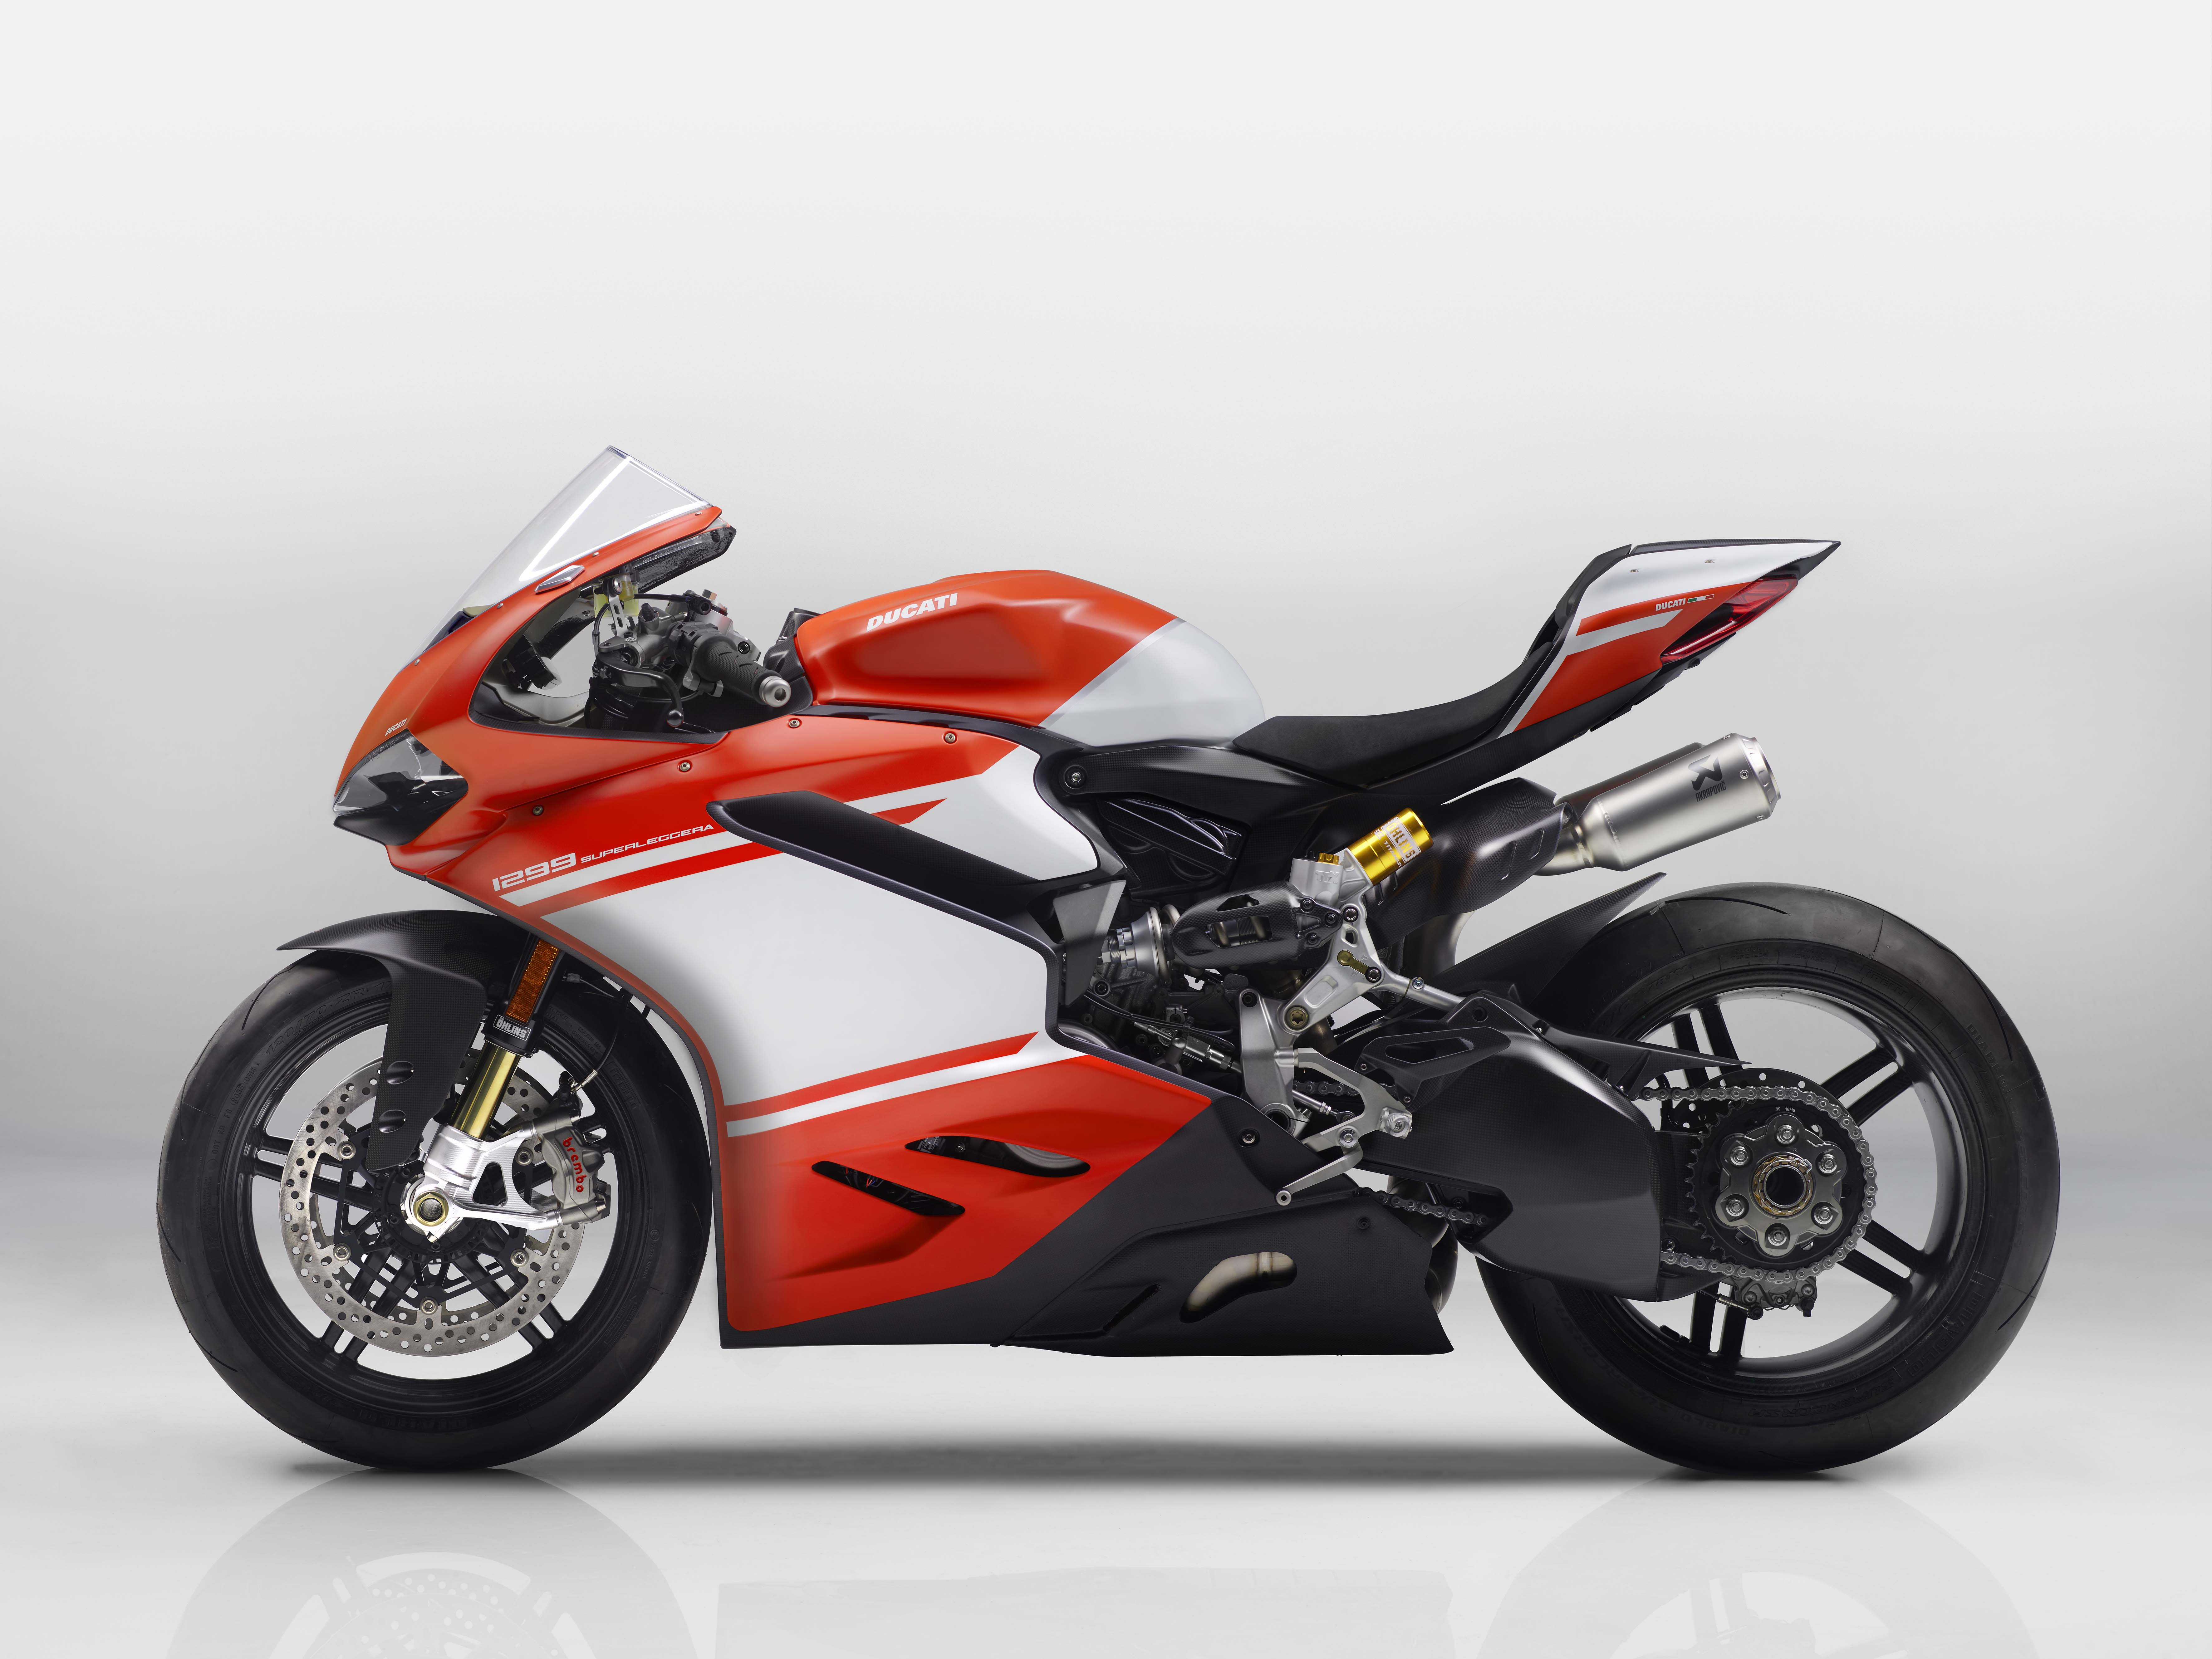 Ducati Superleggera Msrp